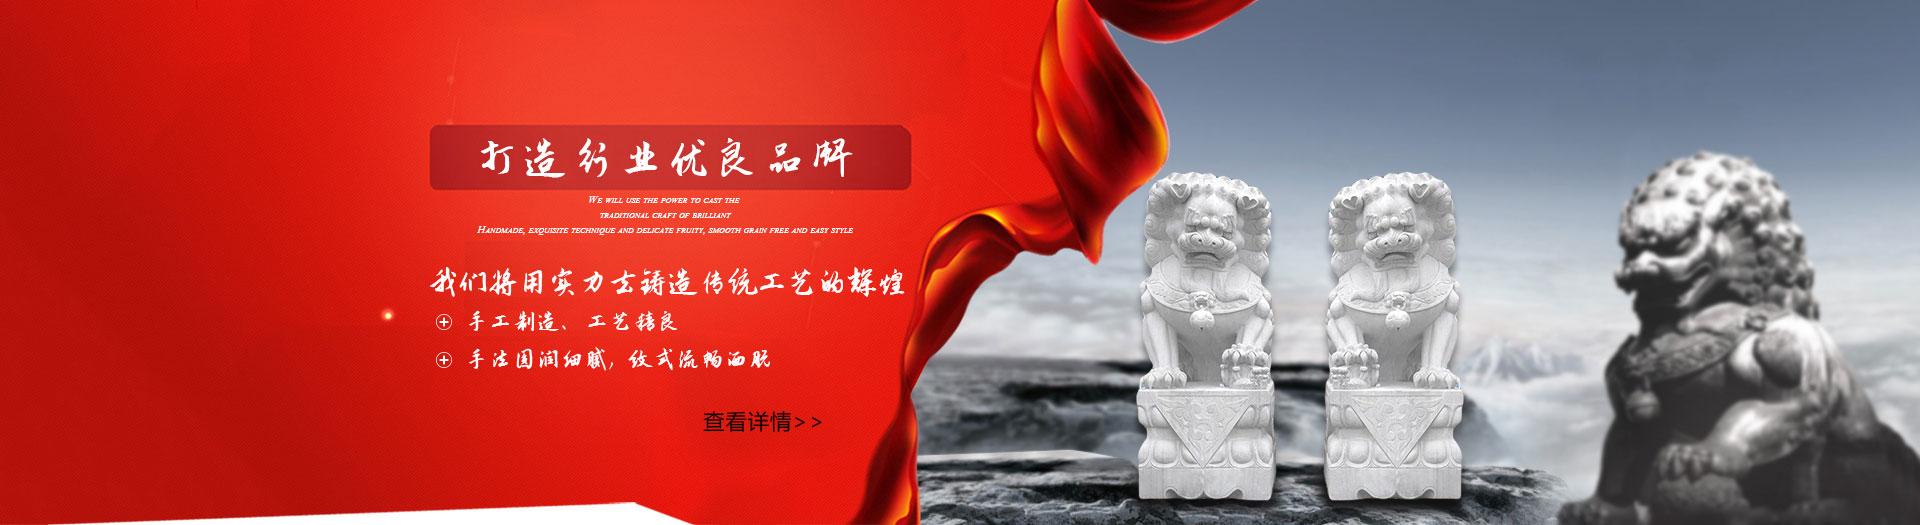 云南仿古石雕、重庆雕塑、贵州石栏杆